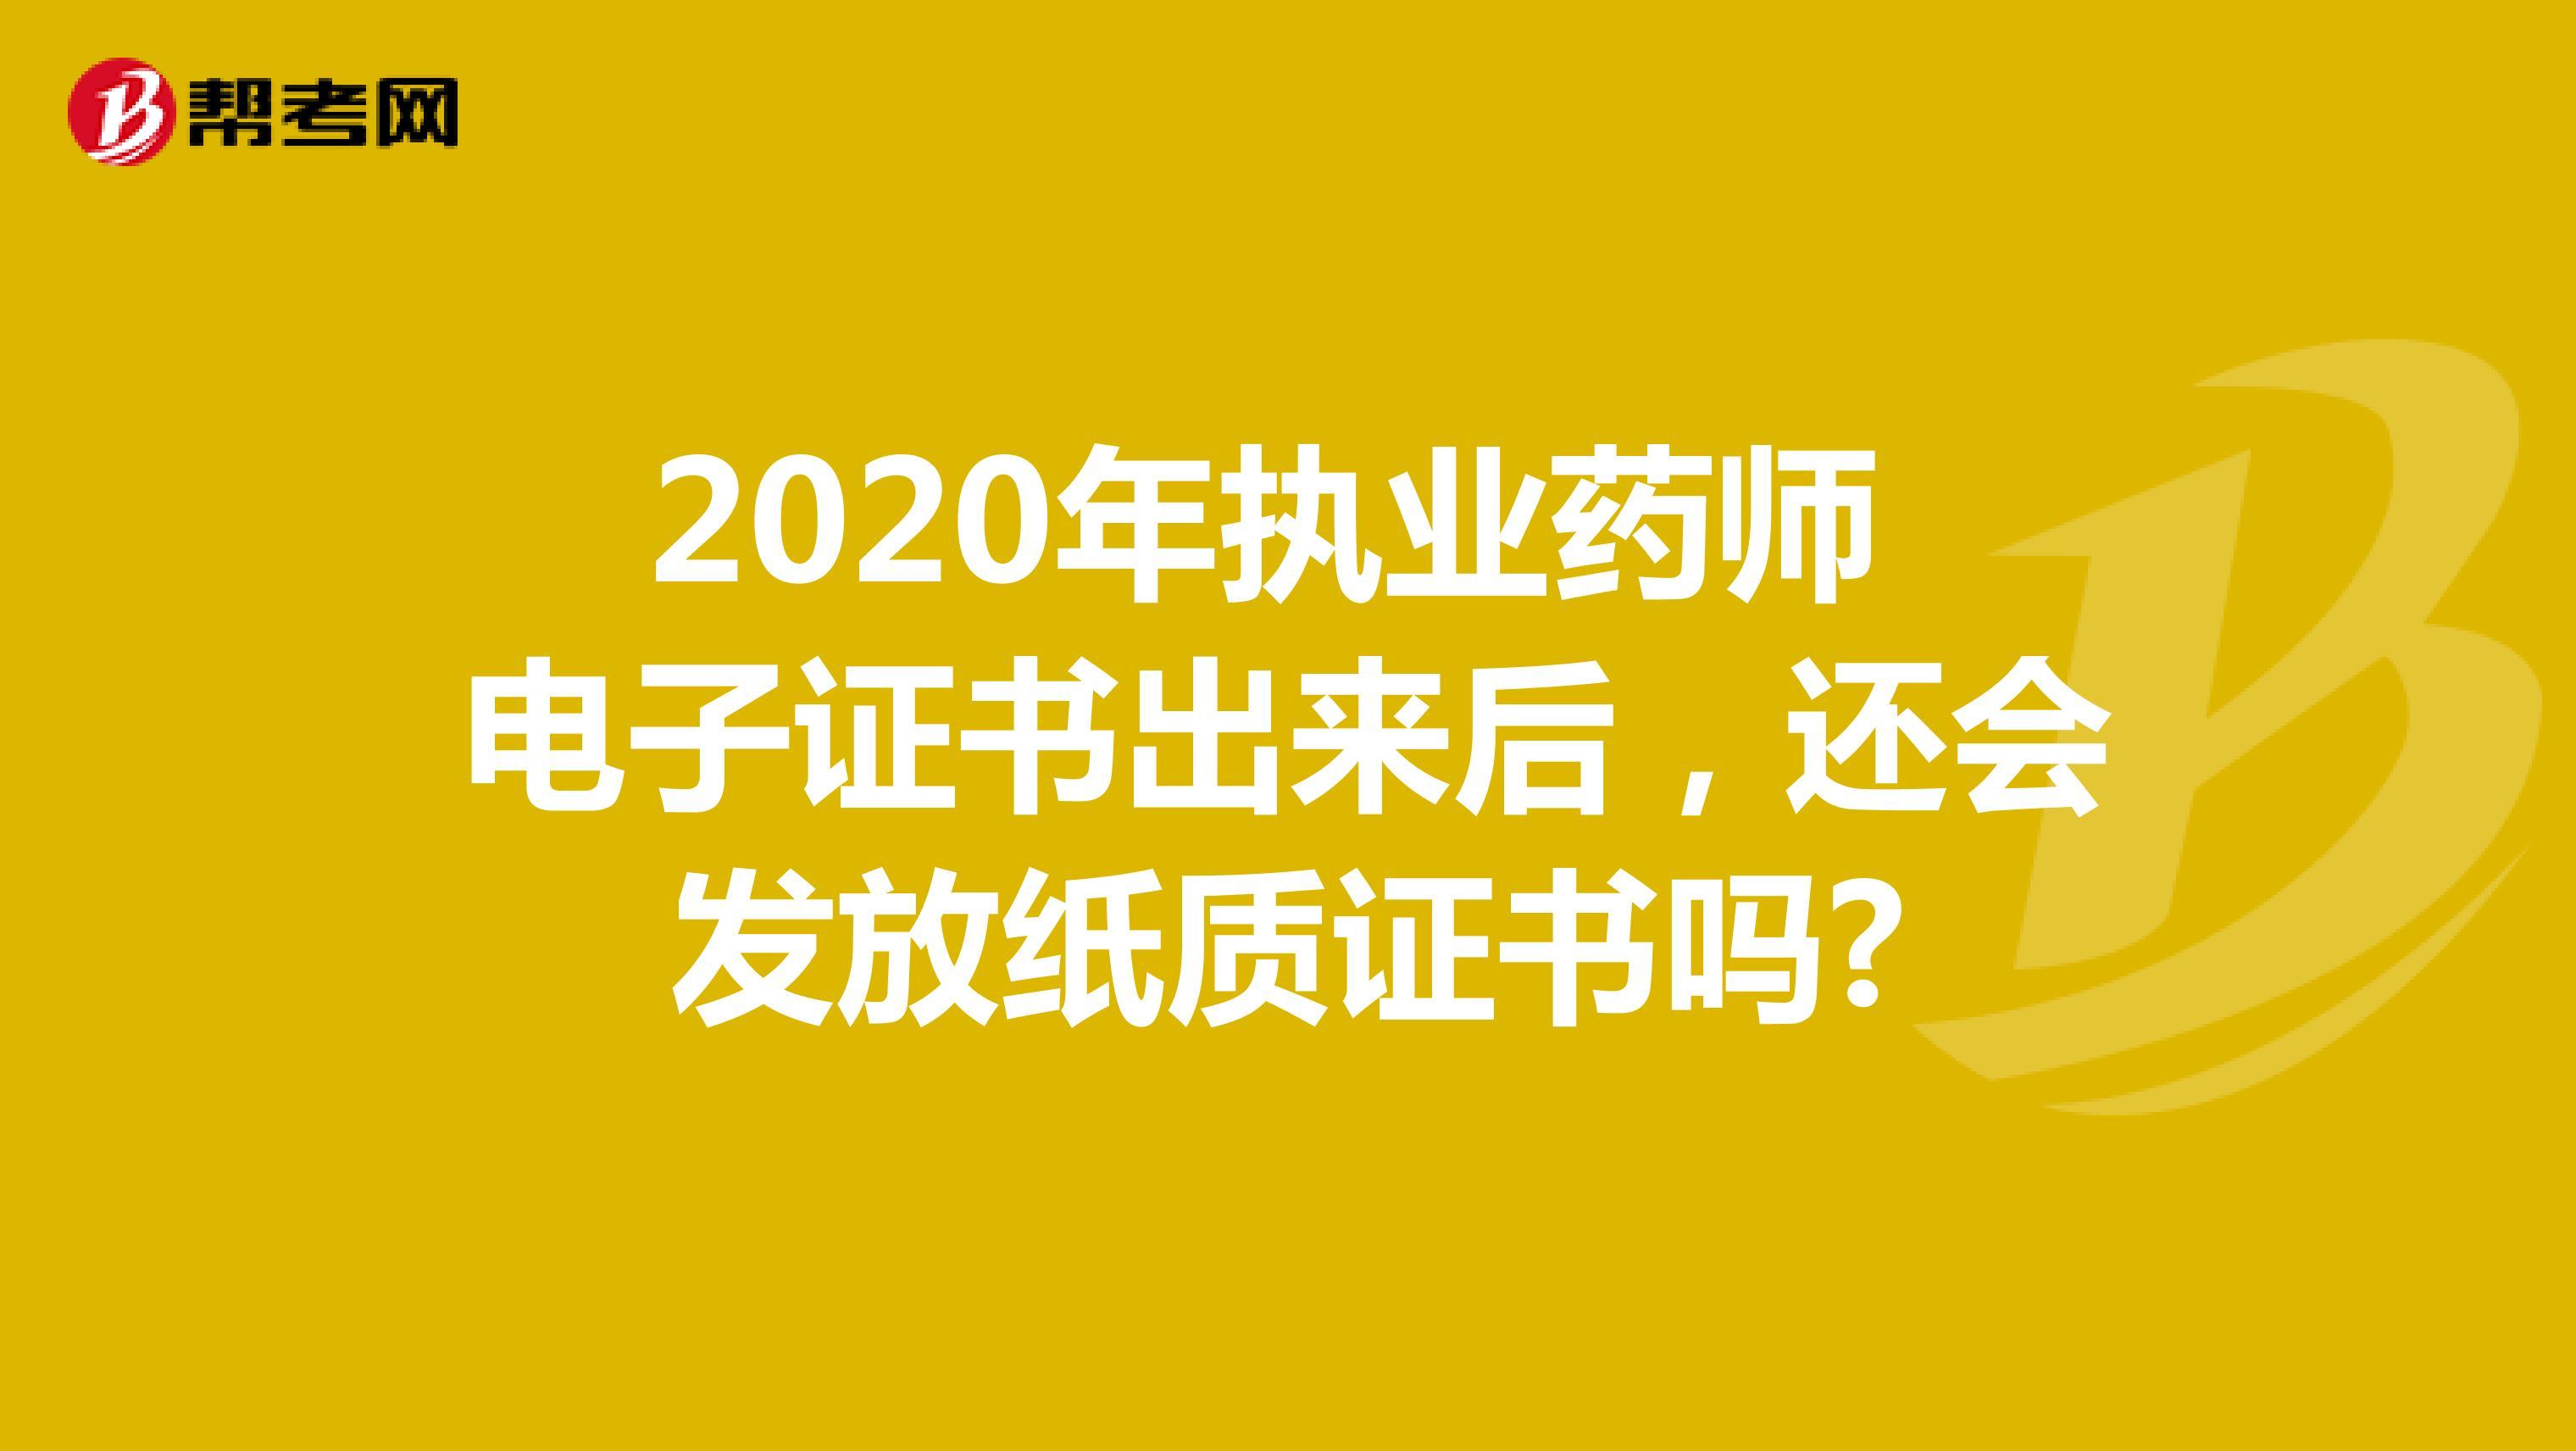 2020年執業藥師電子證書出來后,還會發放紙質證書嗎?